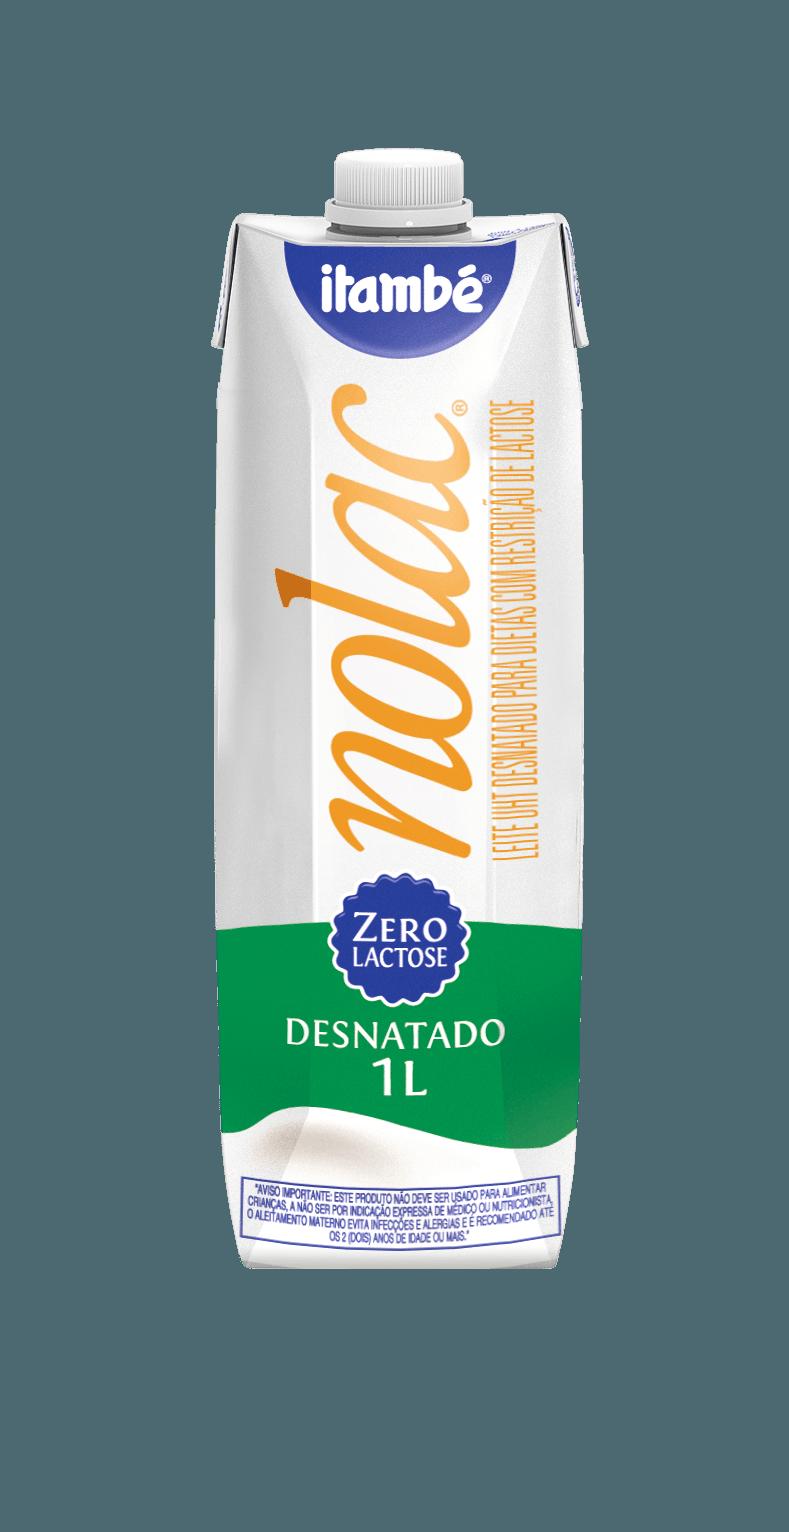 Leite Nolac UHT (Desnatado) 1 L